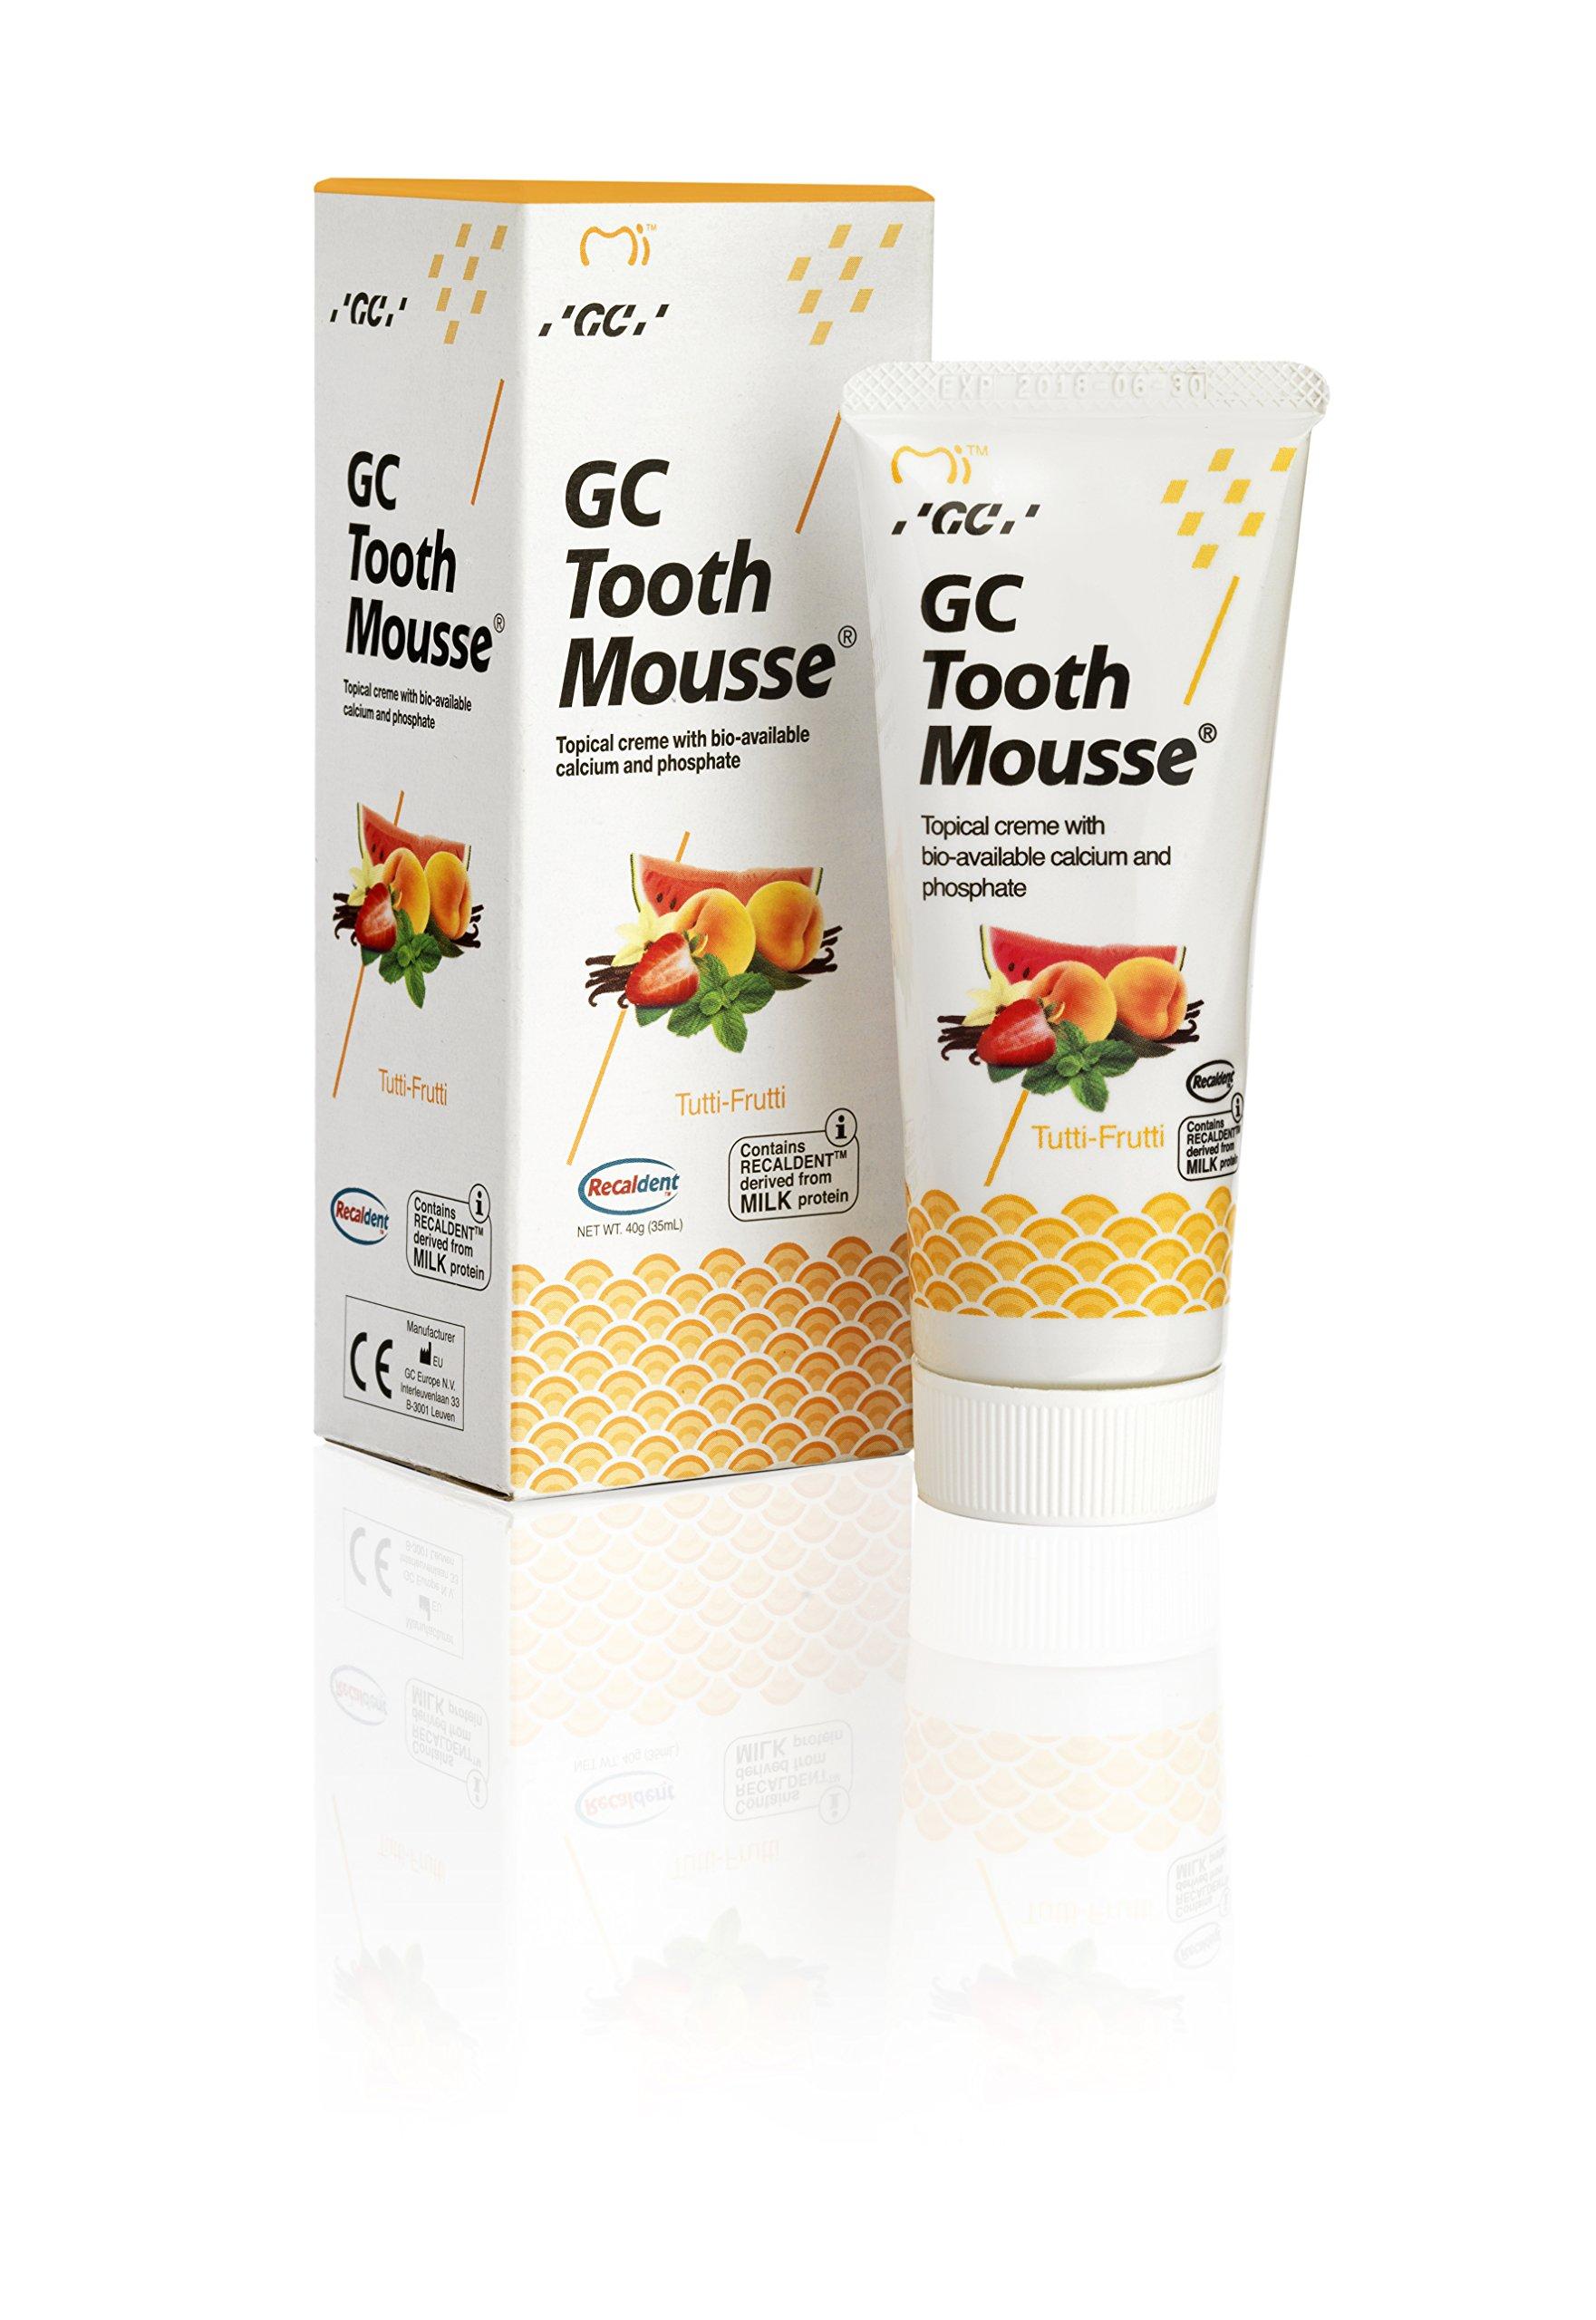 GC Tooth Mousse (Tutti-Frutti)